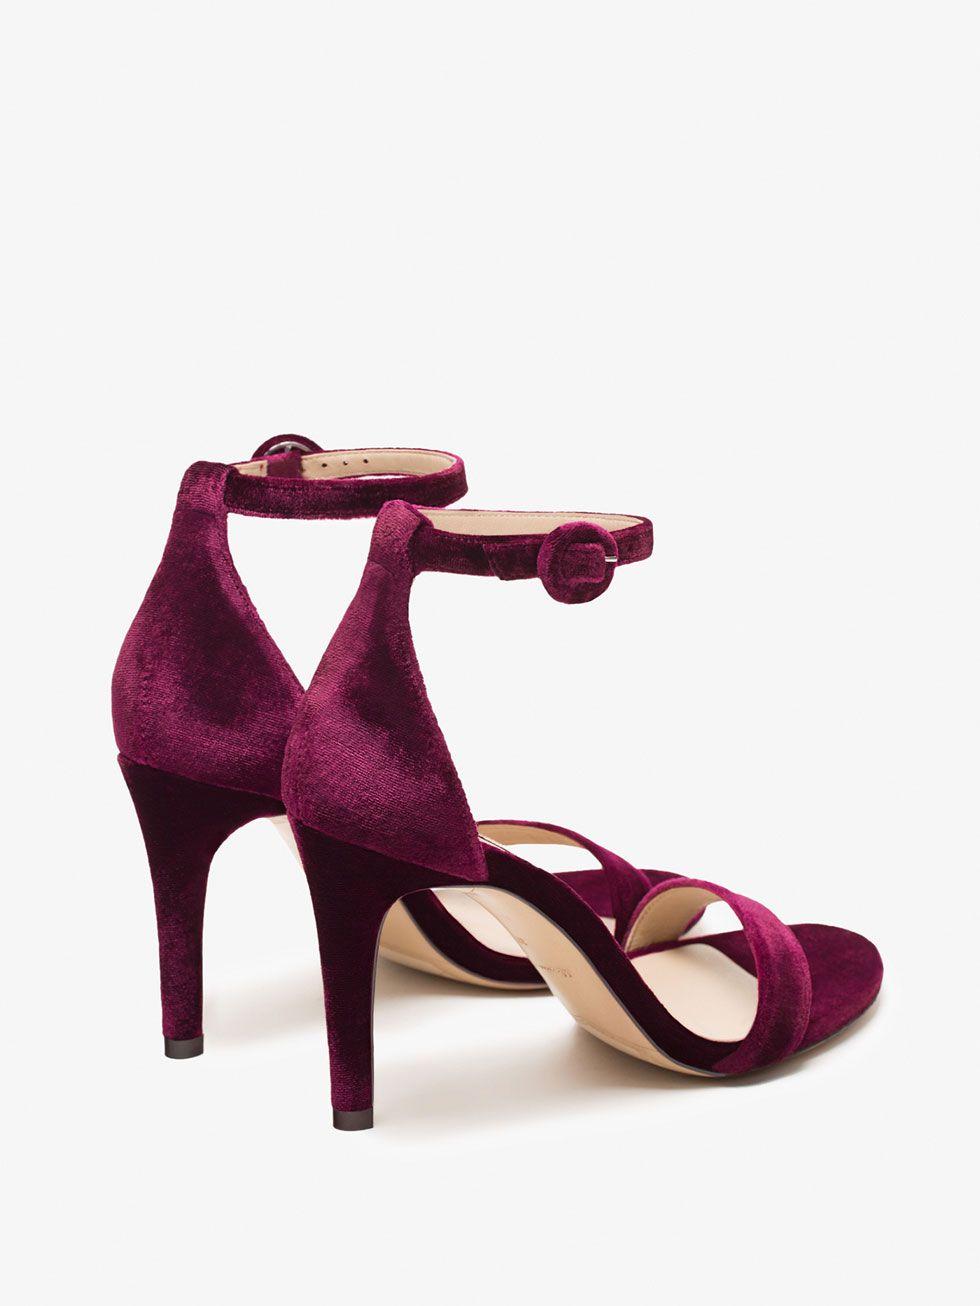 Sandalia Ver Mujer Todo Burdeos Zapatos Terciopelo De Massimo 2IEeD9YbWH